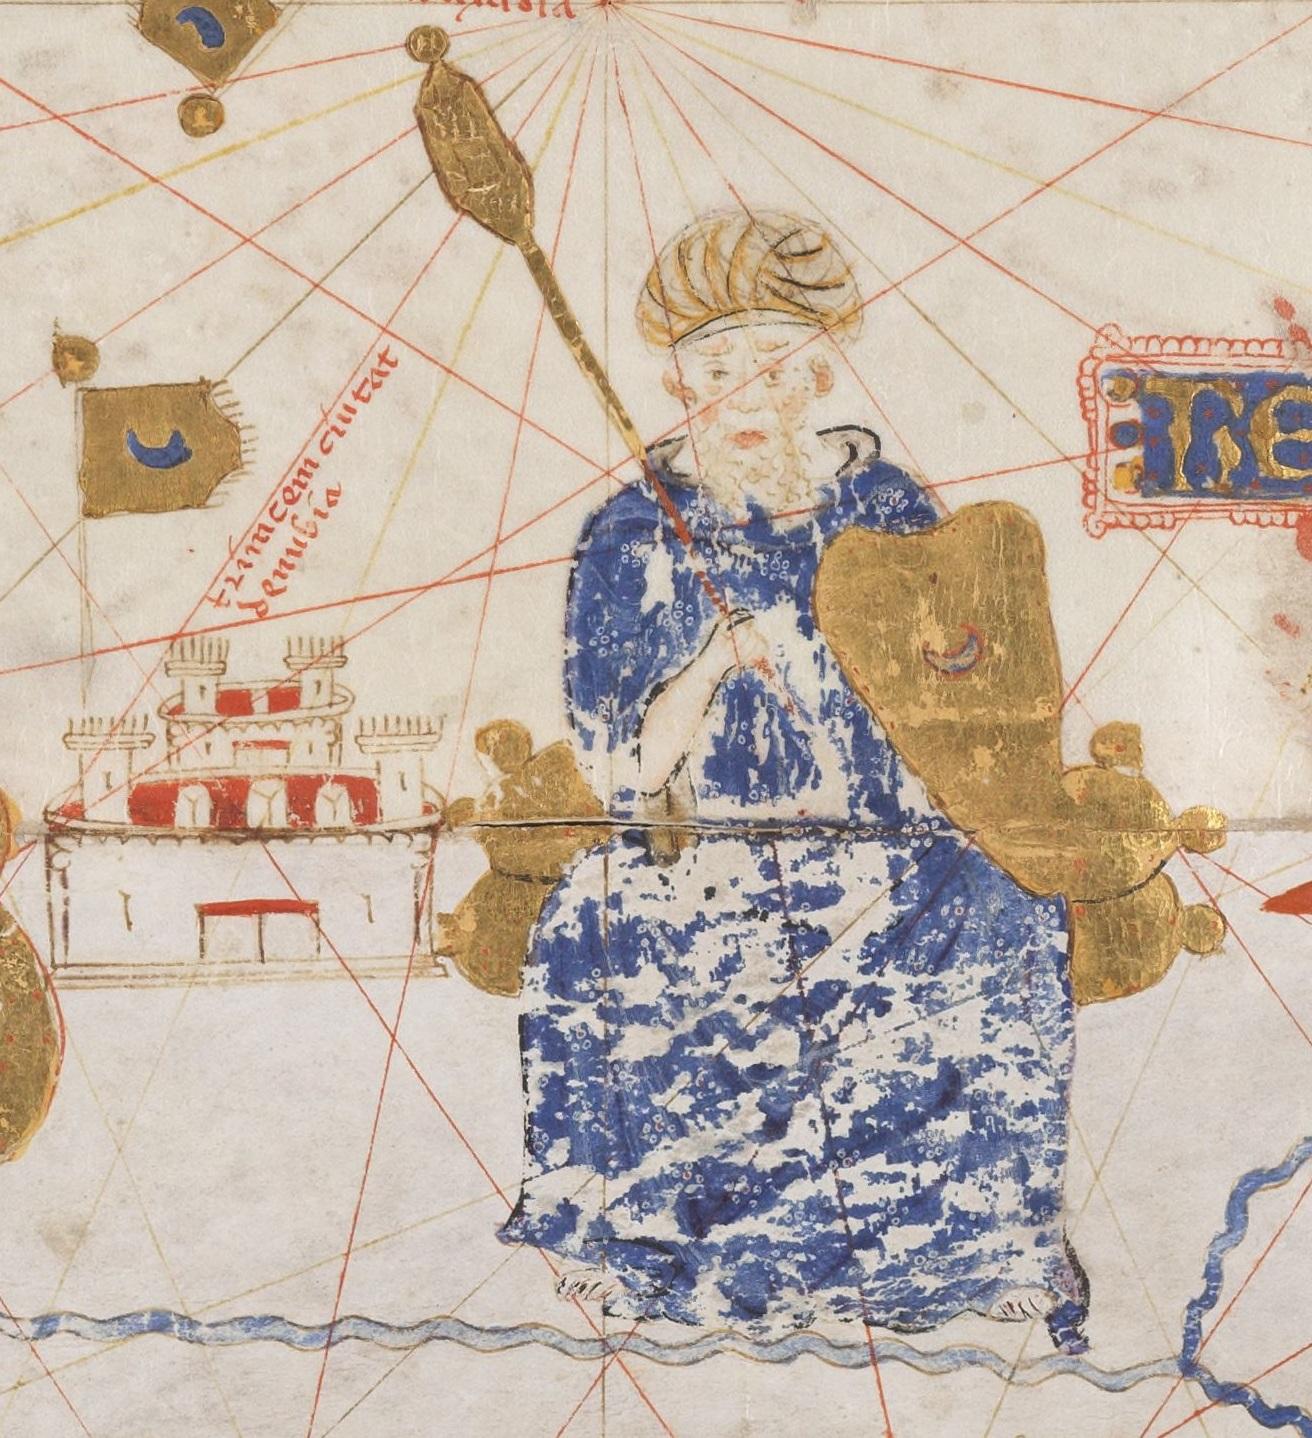 Portrait probable de Yaghmoracen Ibn Ziane sur le portulan de Mecia de Viladestes (pt) (1413, collections de la BnF).